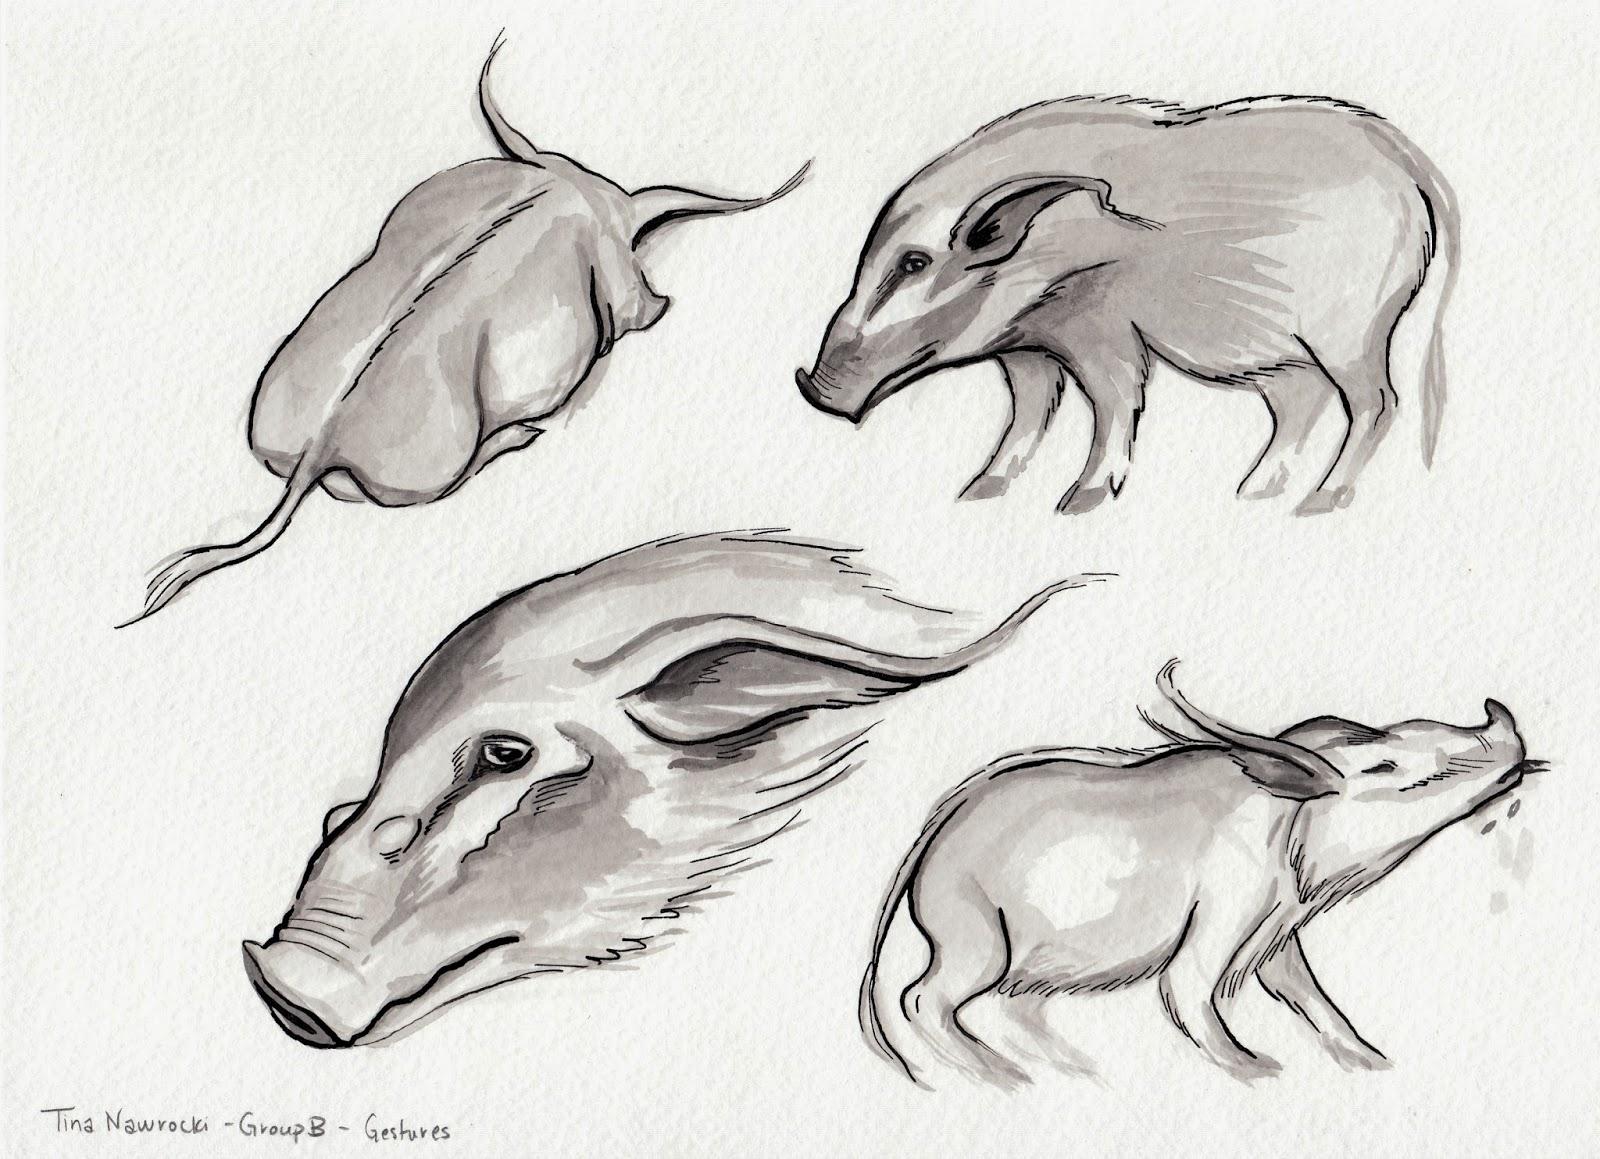 tina nawrocki art and animation life drawing the zoo